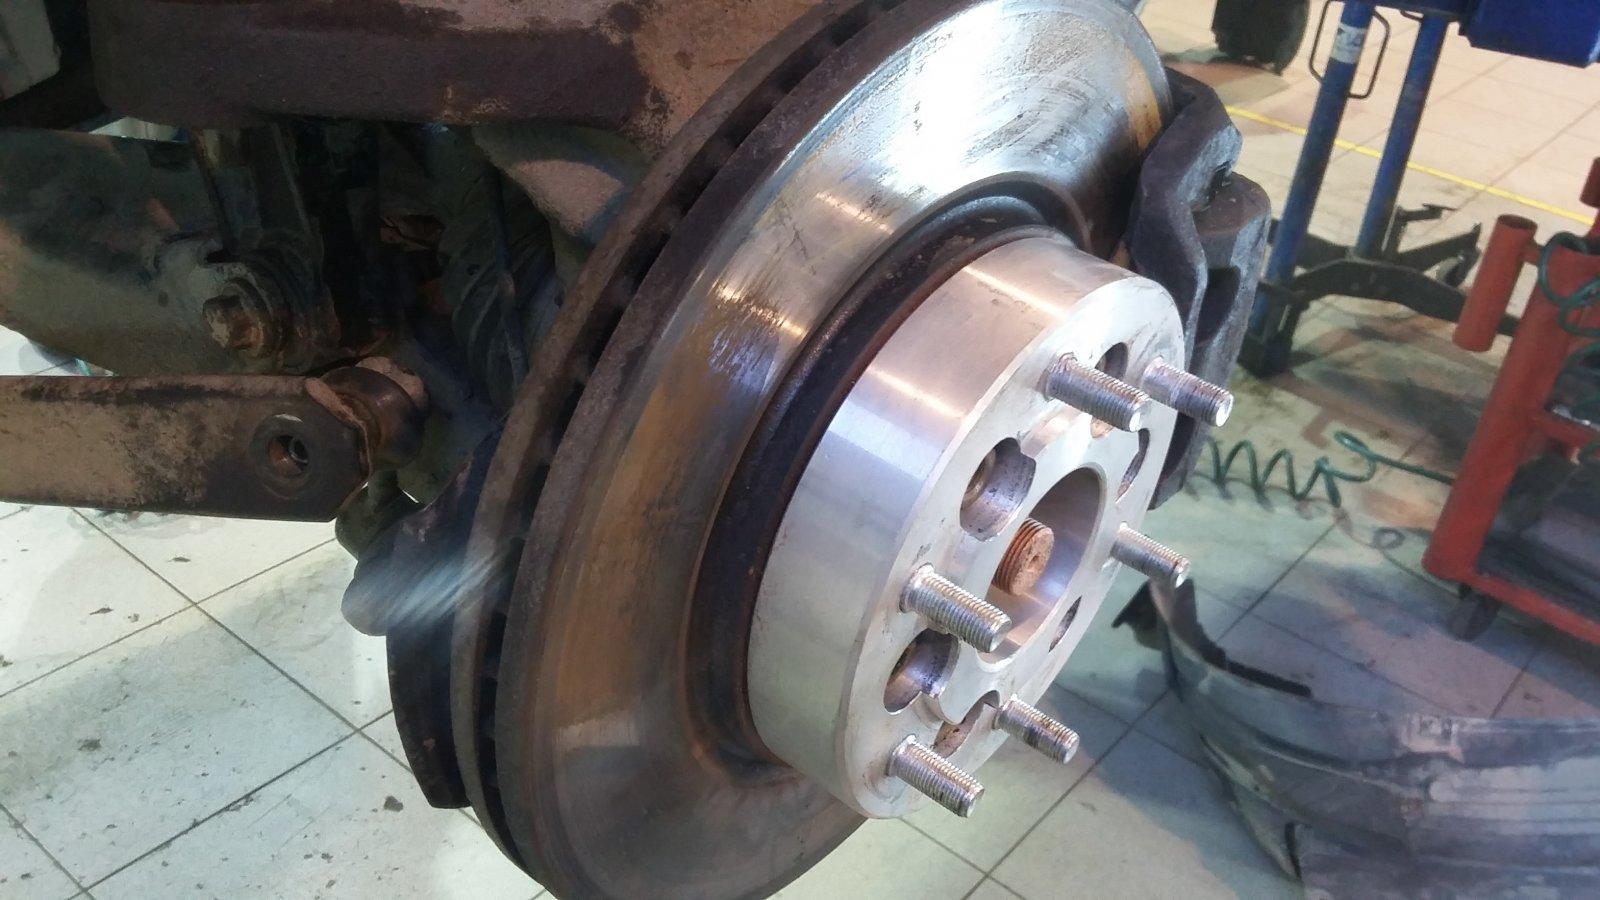 колесные проставки с 6*114.3 на 6*139.7 для установки колес с другой разболтовкой и расширении колес